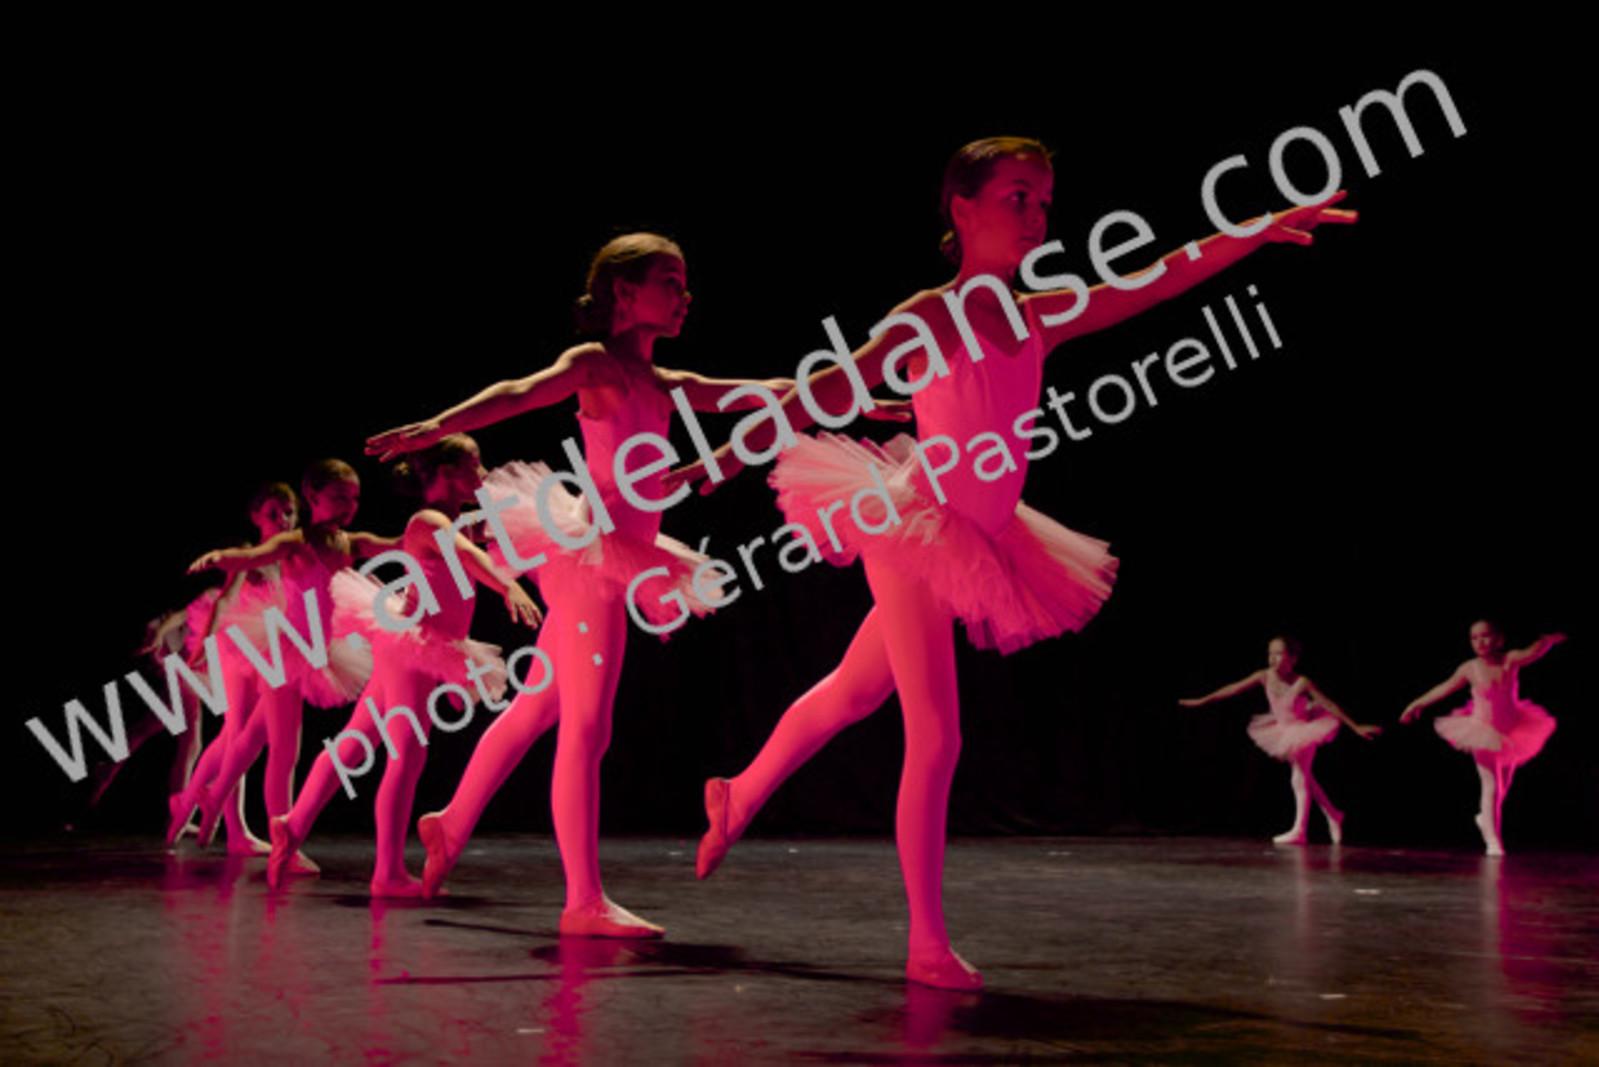 Danse classique cycle 1B - Art de la danse, Gym et Loisirs